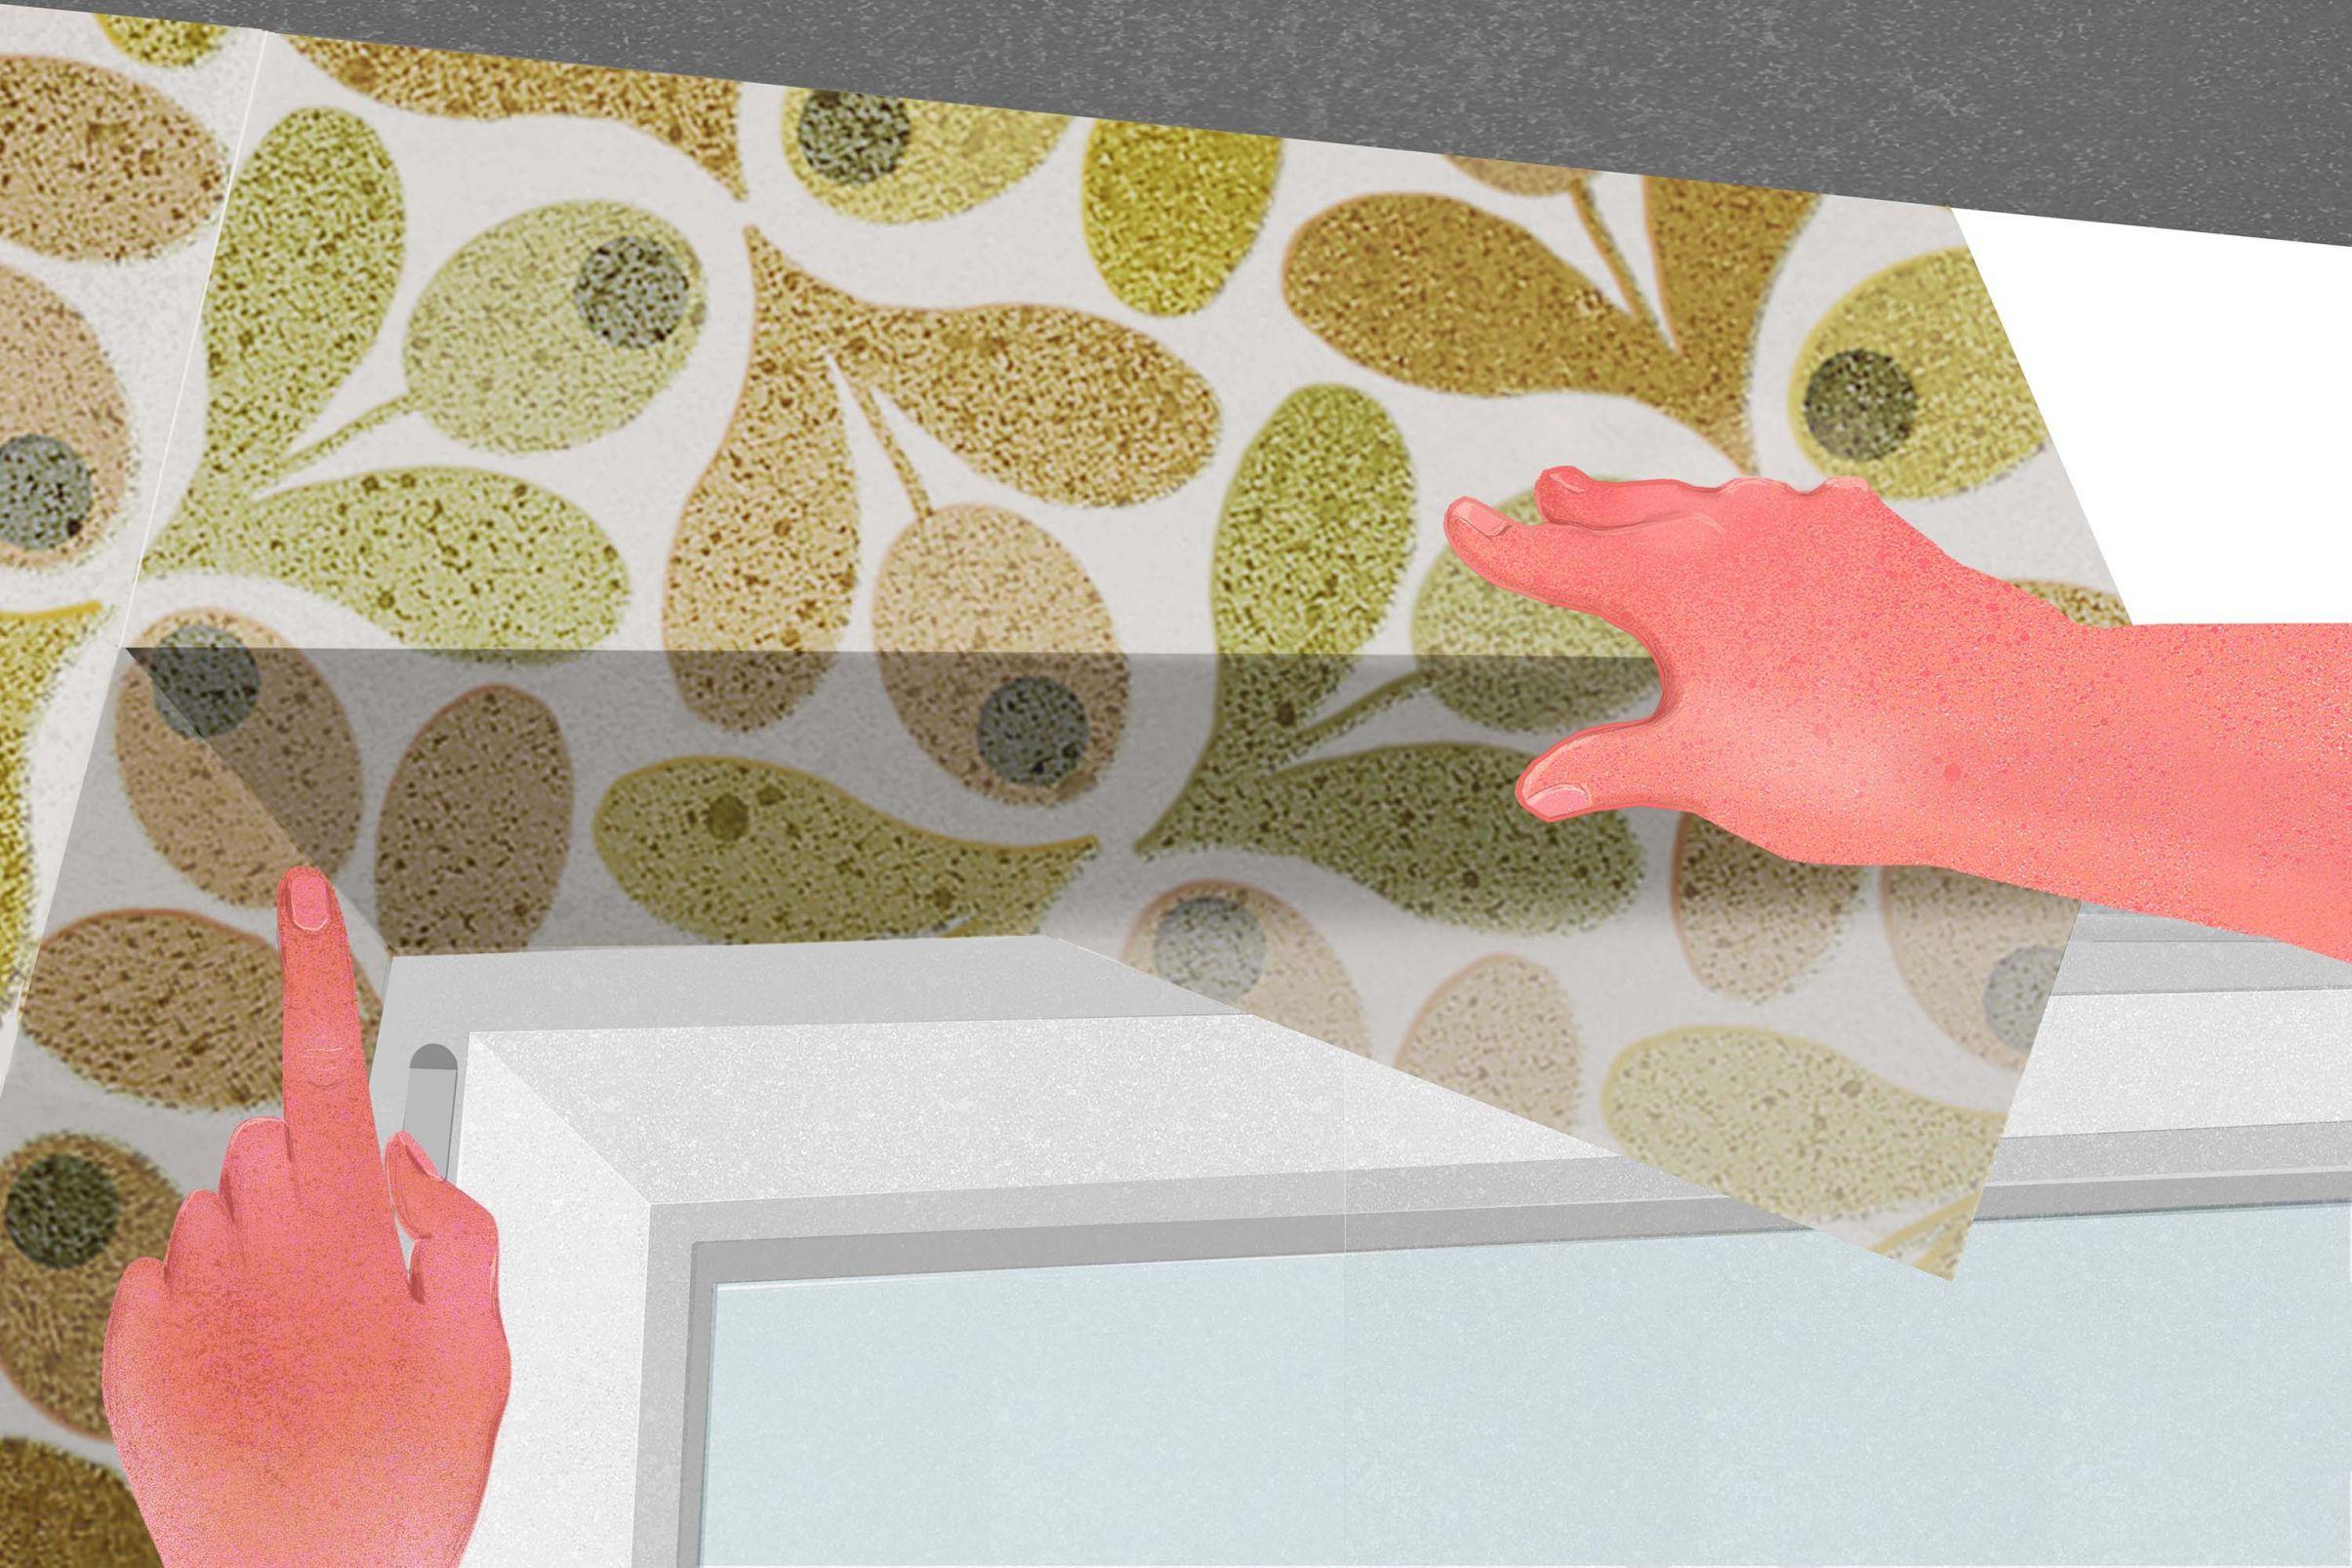 Comment-poser-du-papier-peint-autour-des-fenetres-et-des-portes-Appliquer-le-premier-le-de-papier-peint-au-dessus-de-la-fenetre